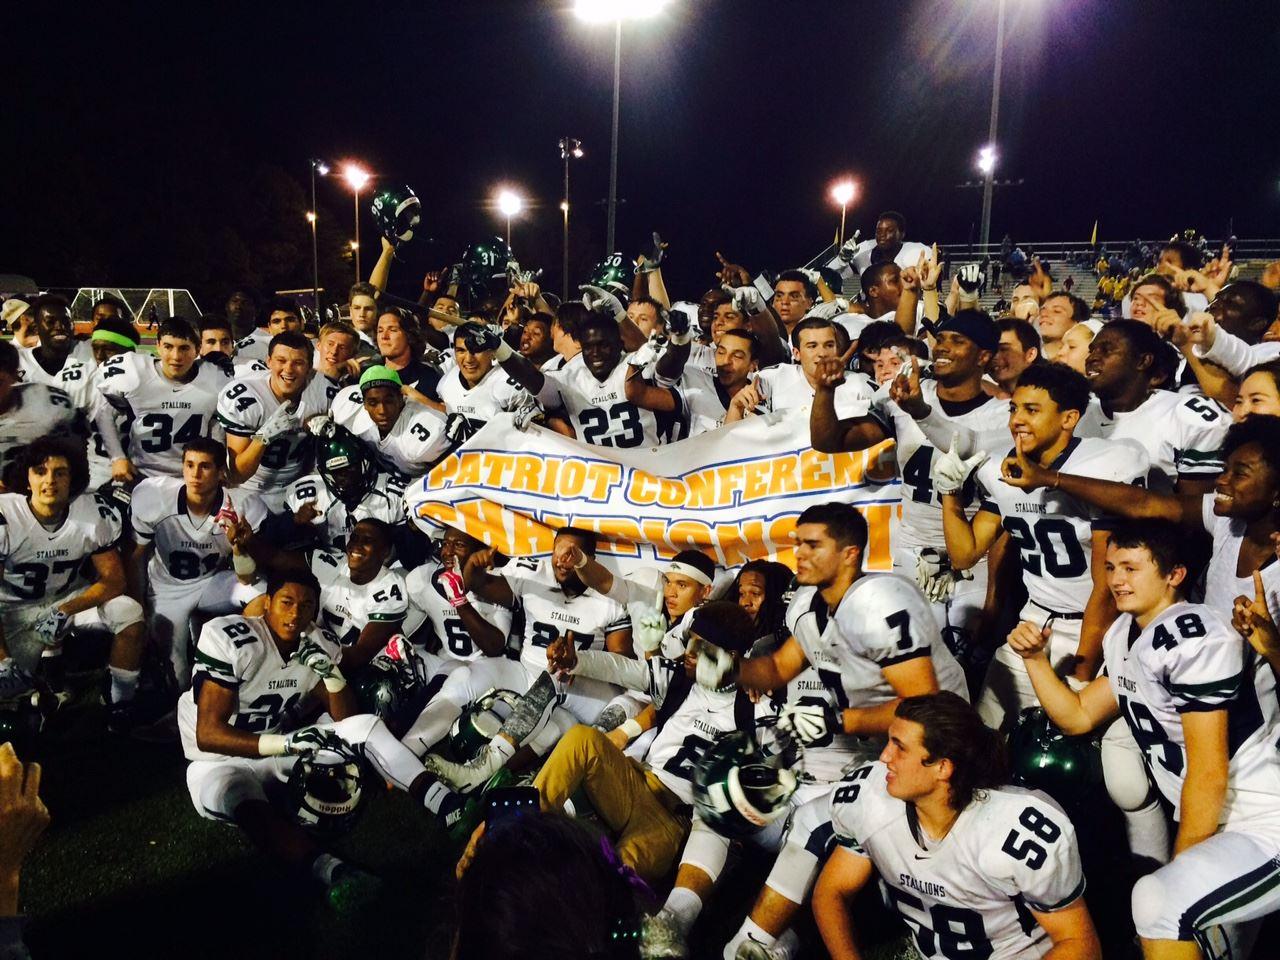 South County High School - Boys Varsity Football